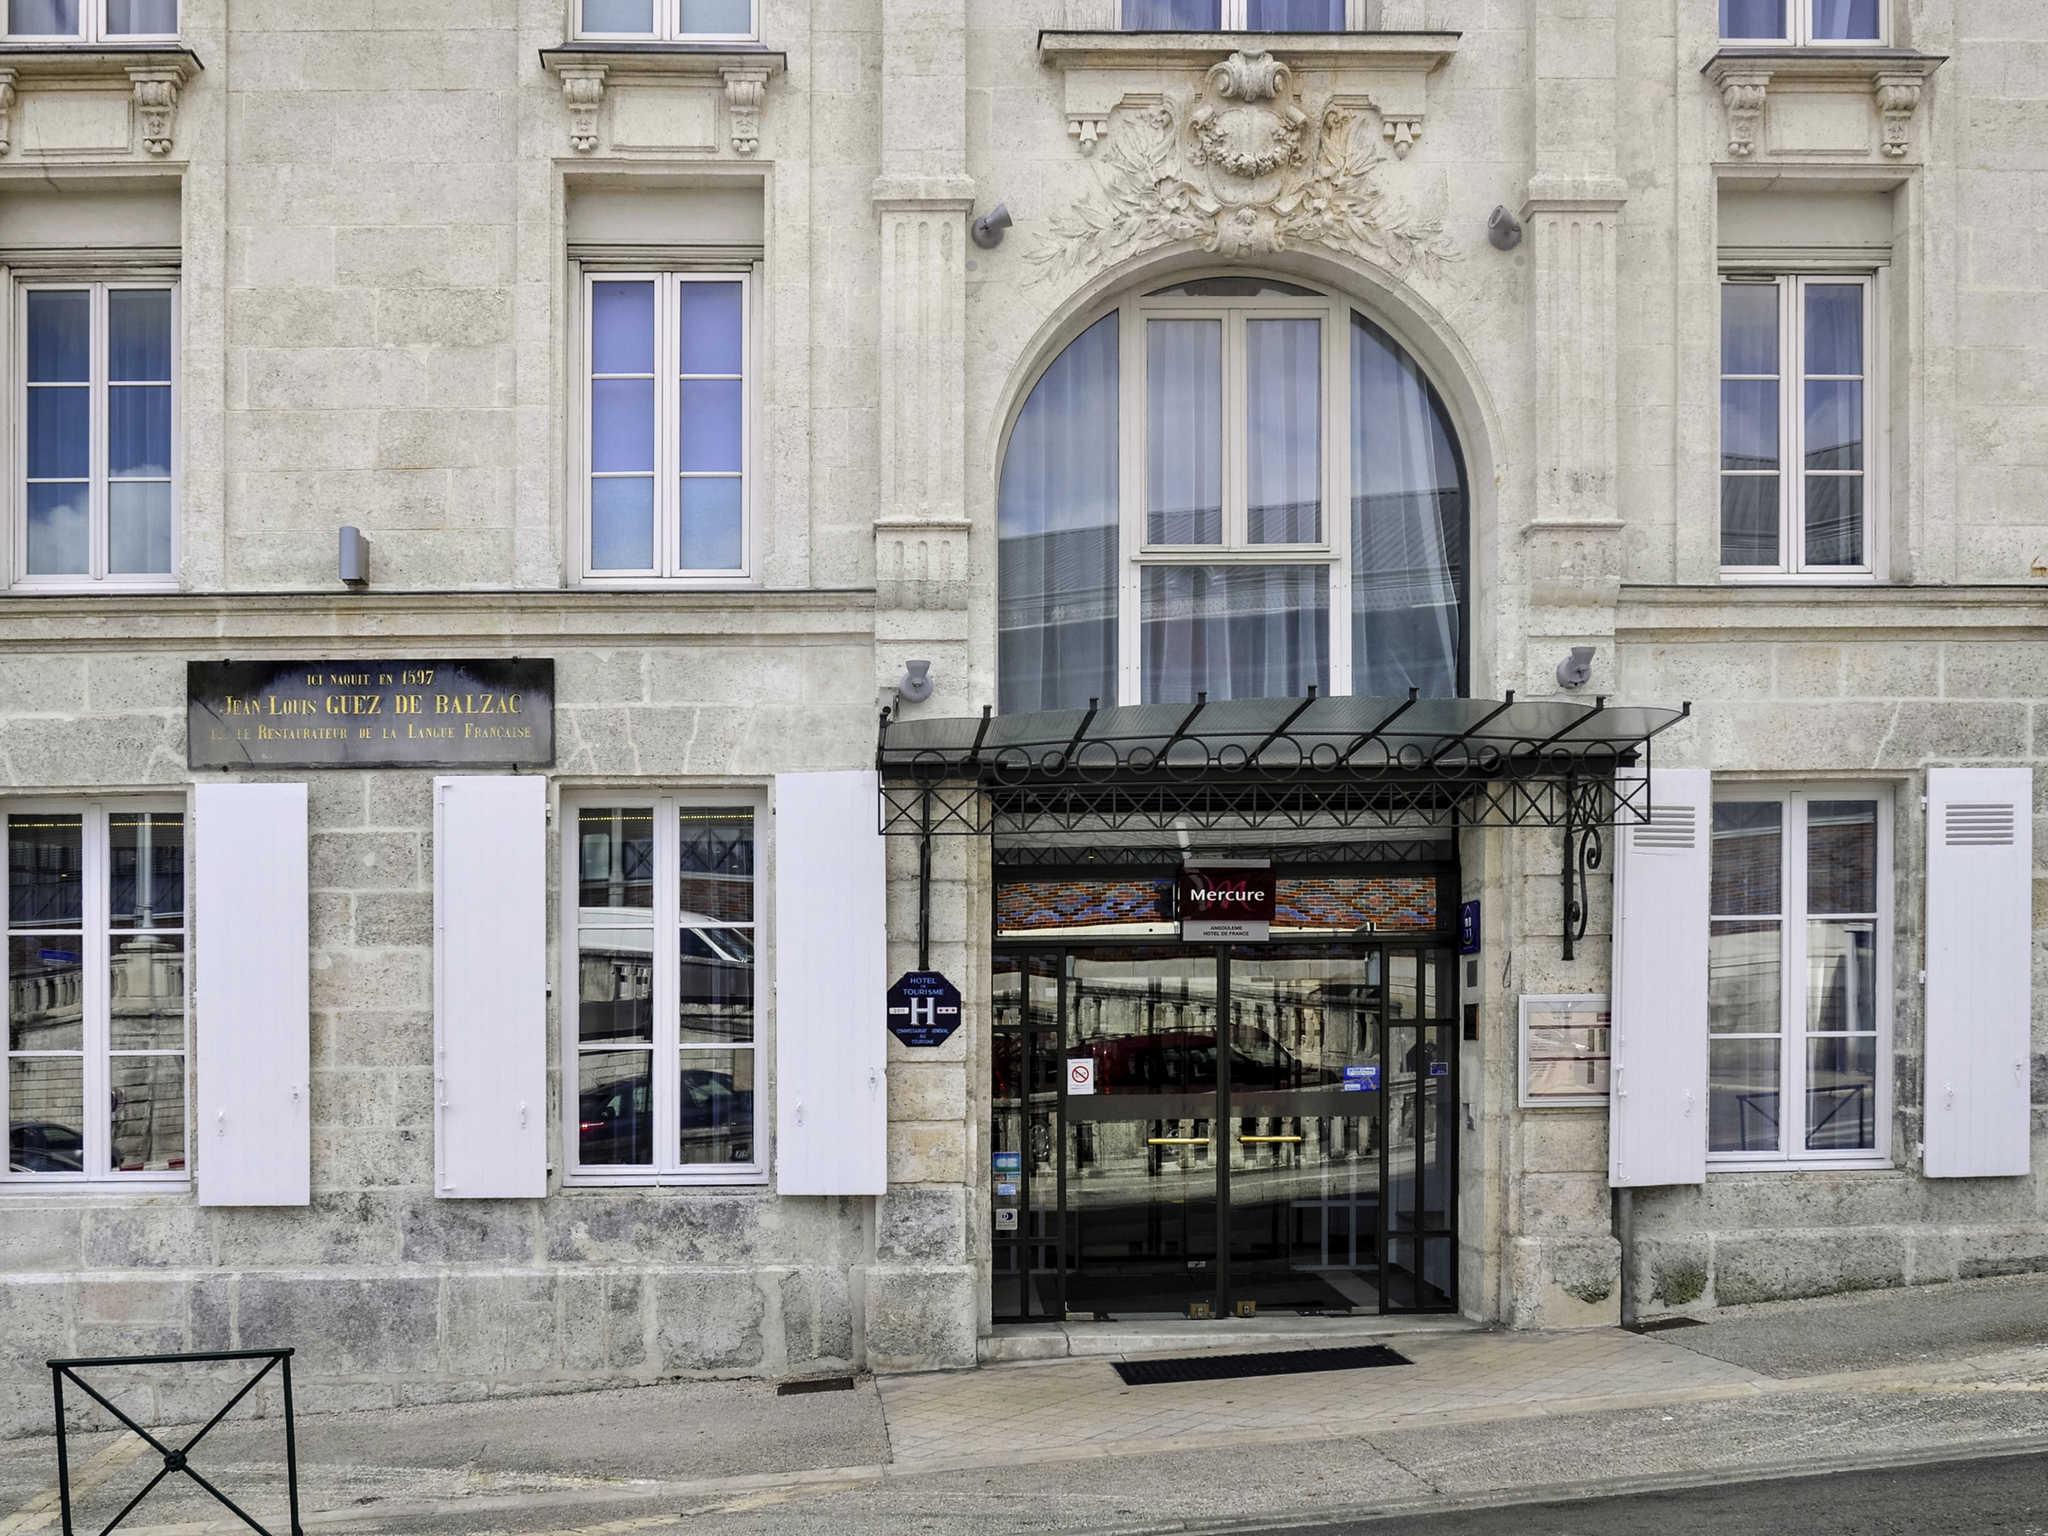 Hotel – Mercure Angoulême Hotel de France hotel